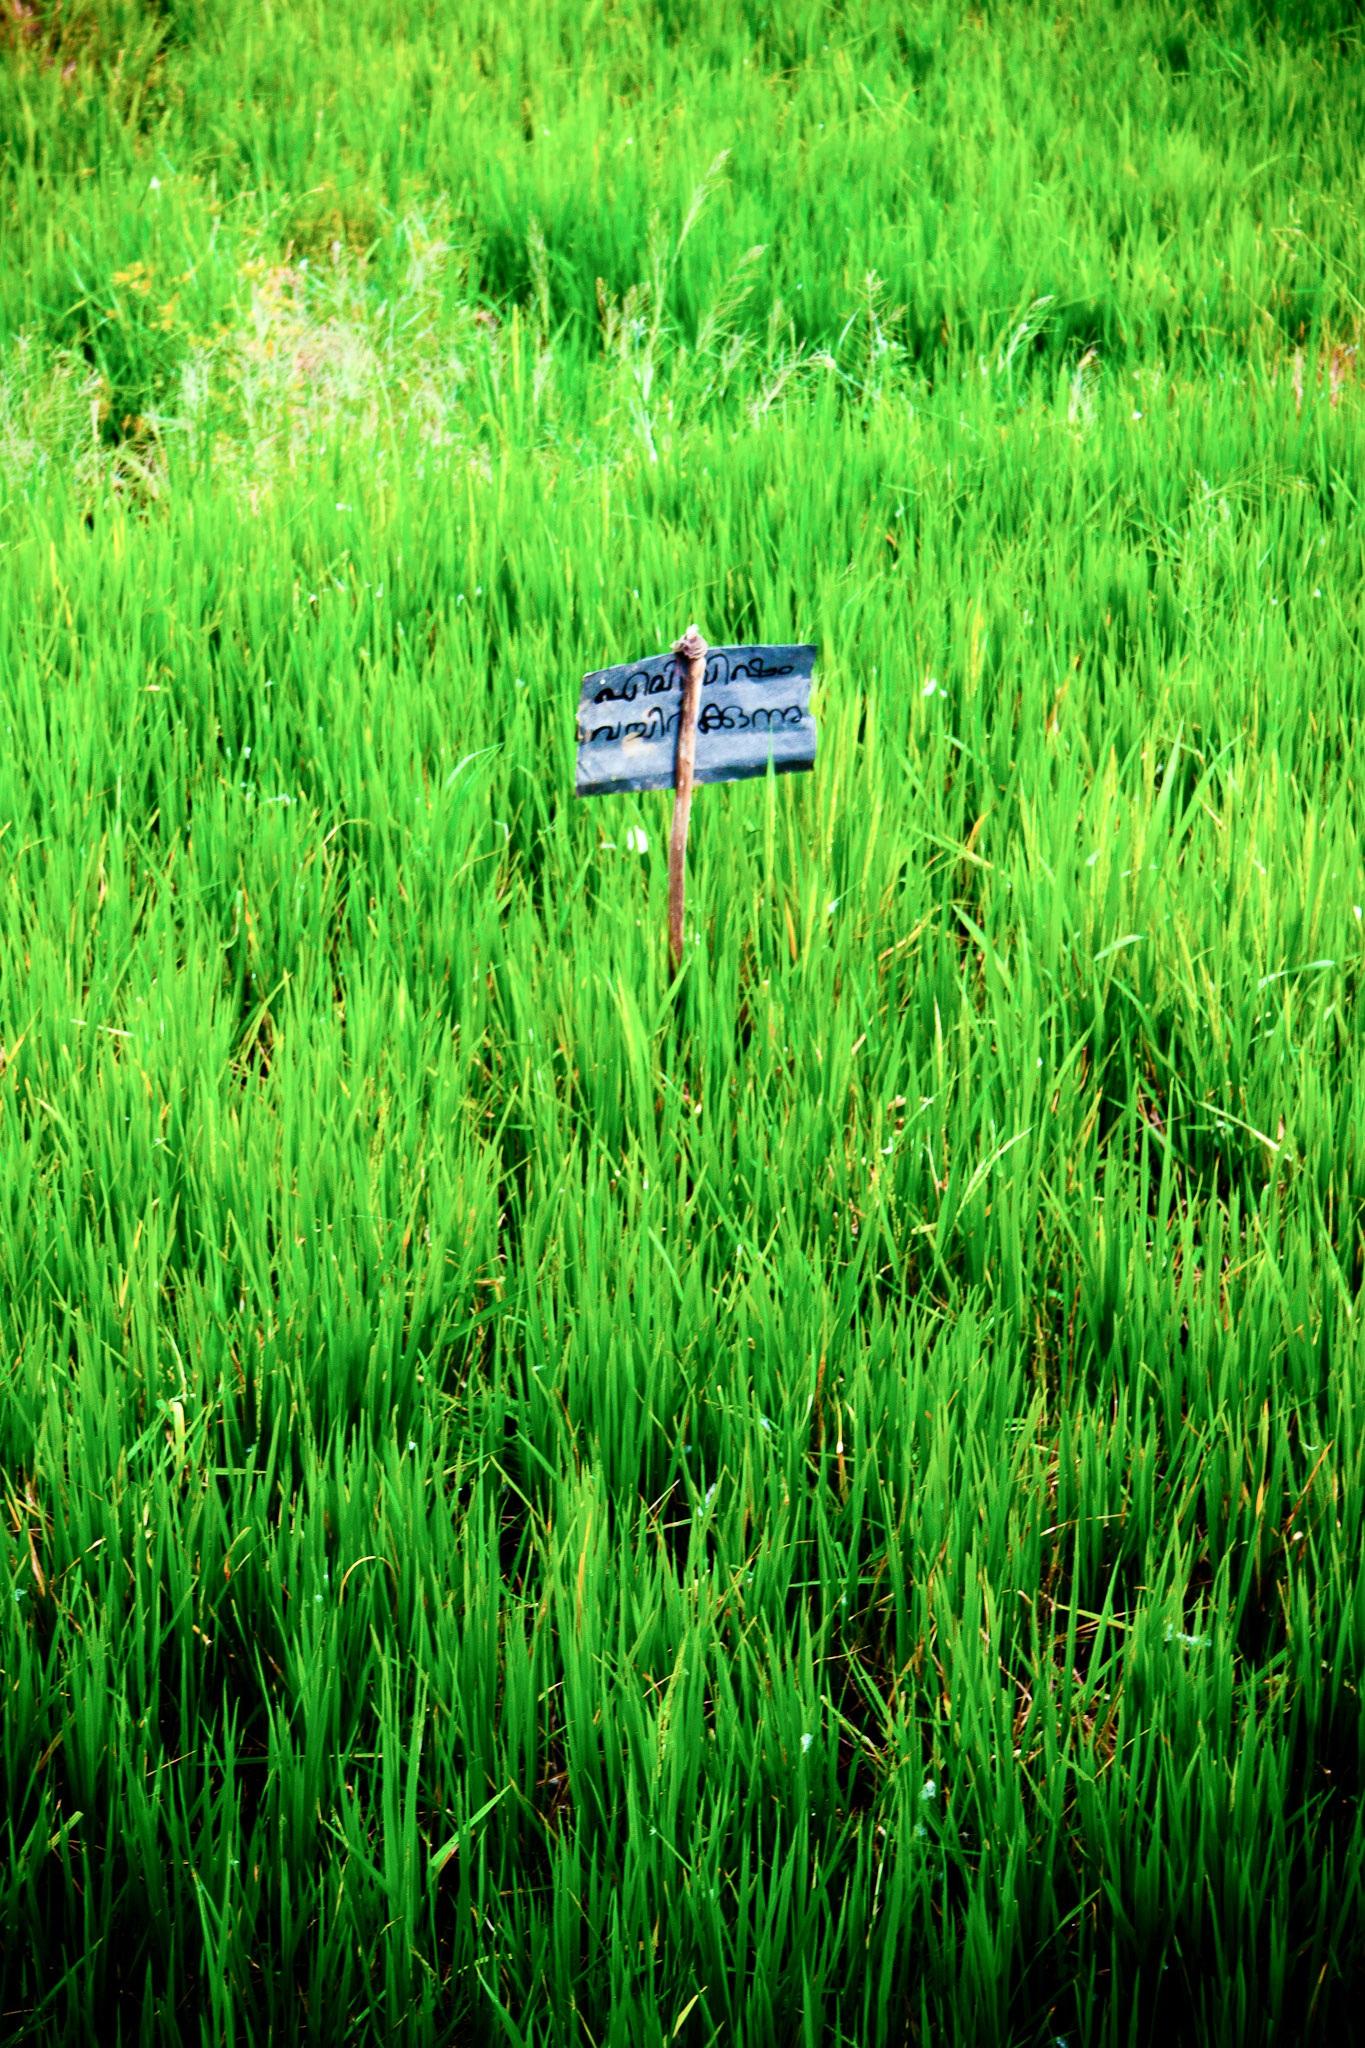 Gambar Nasi Sawah Pemandangan Asia Bidang Perkebunan Padi